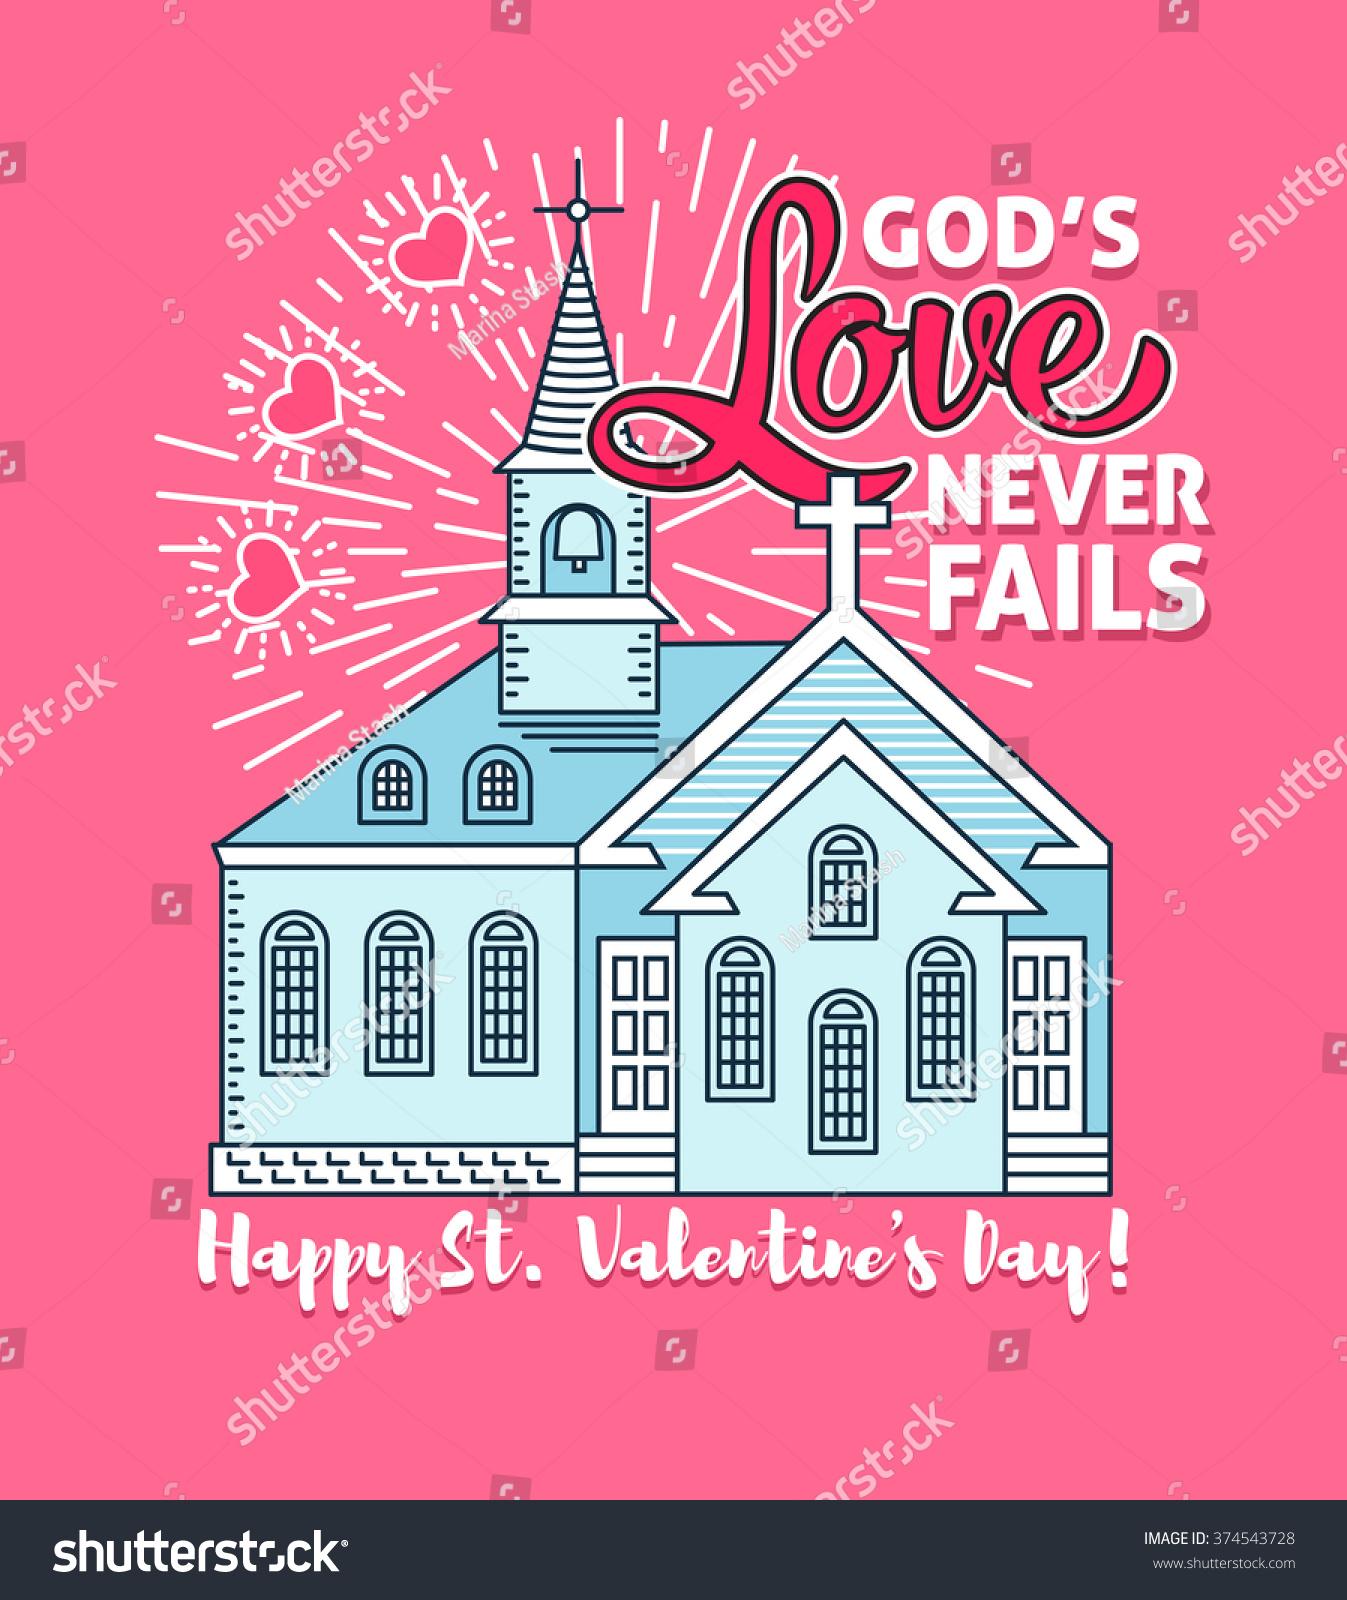 Happy valentines day god quotes